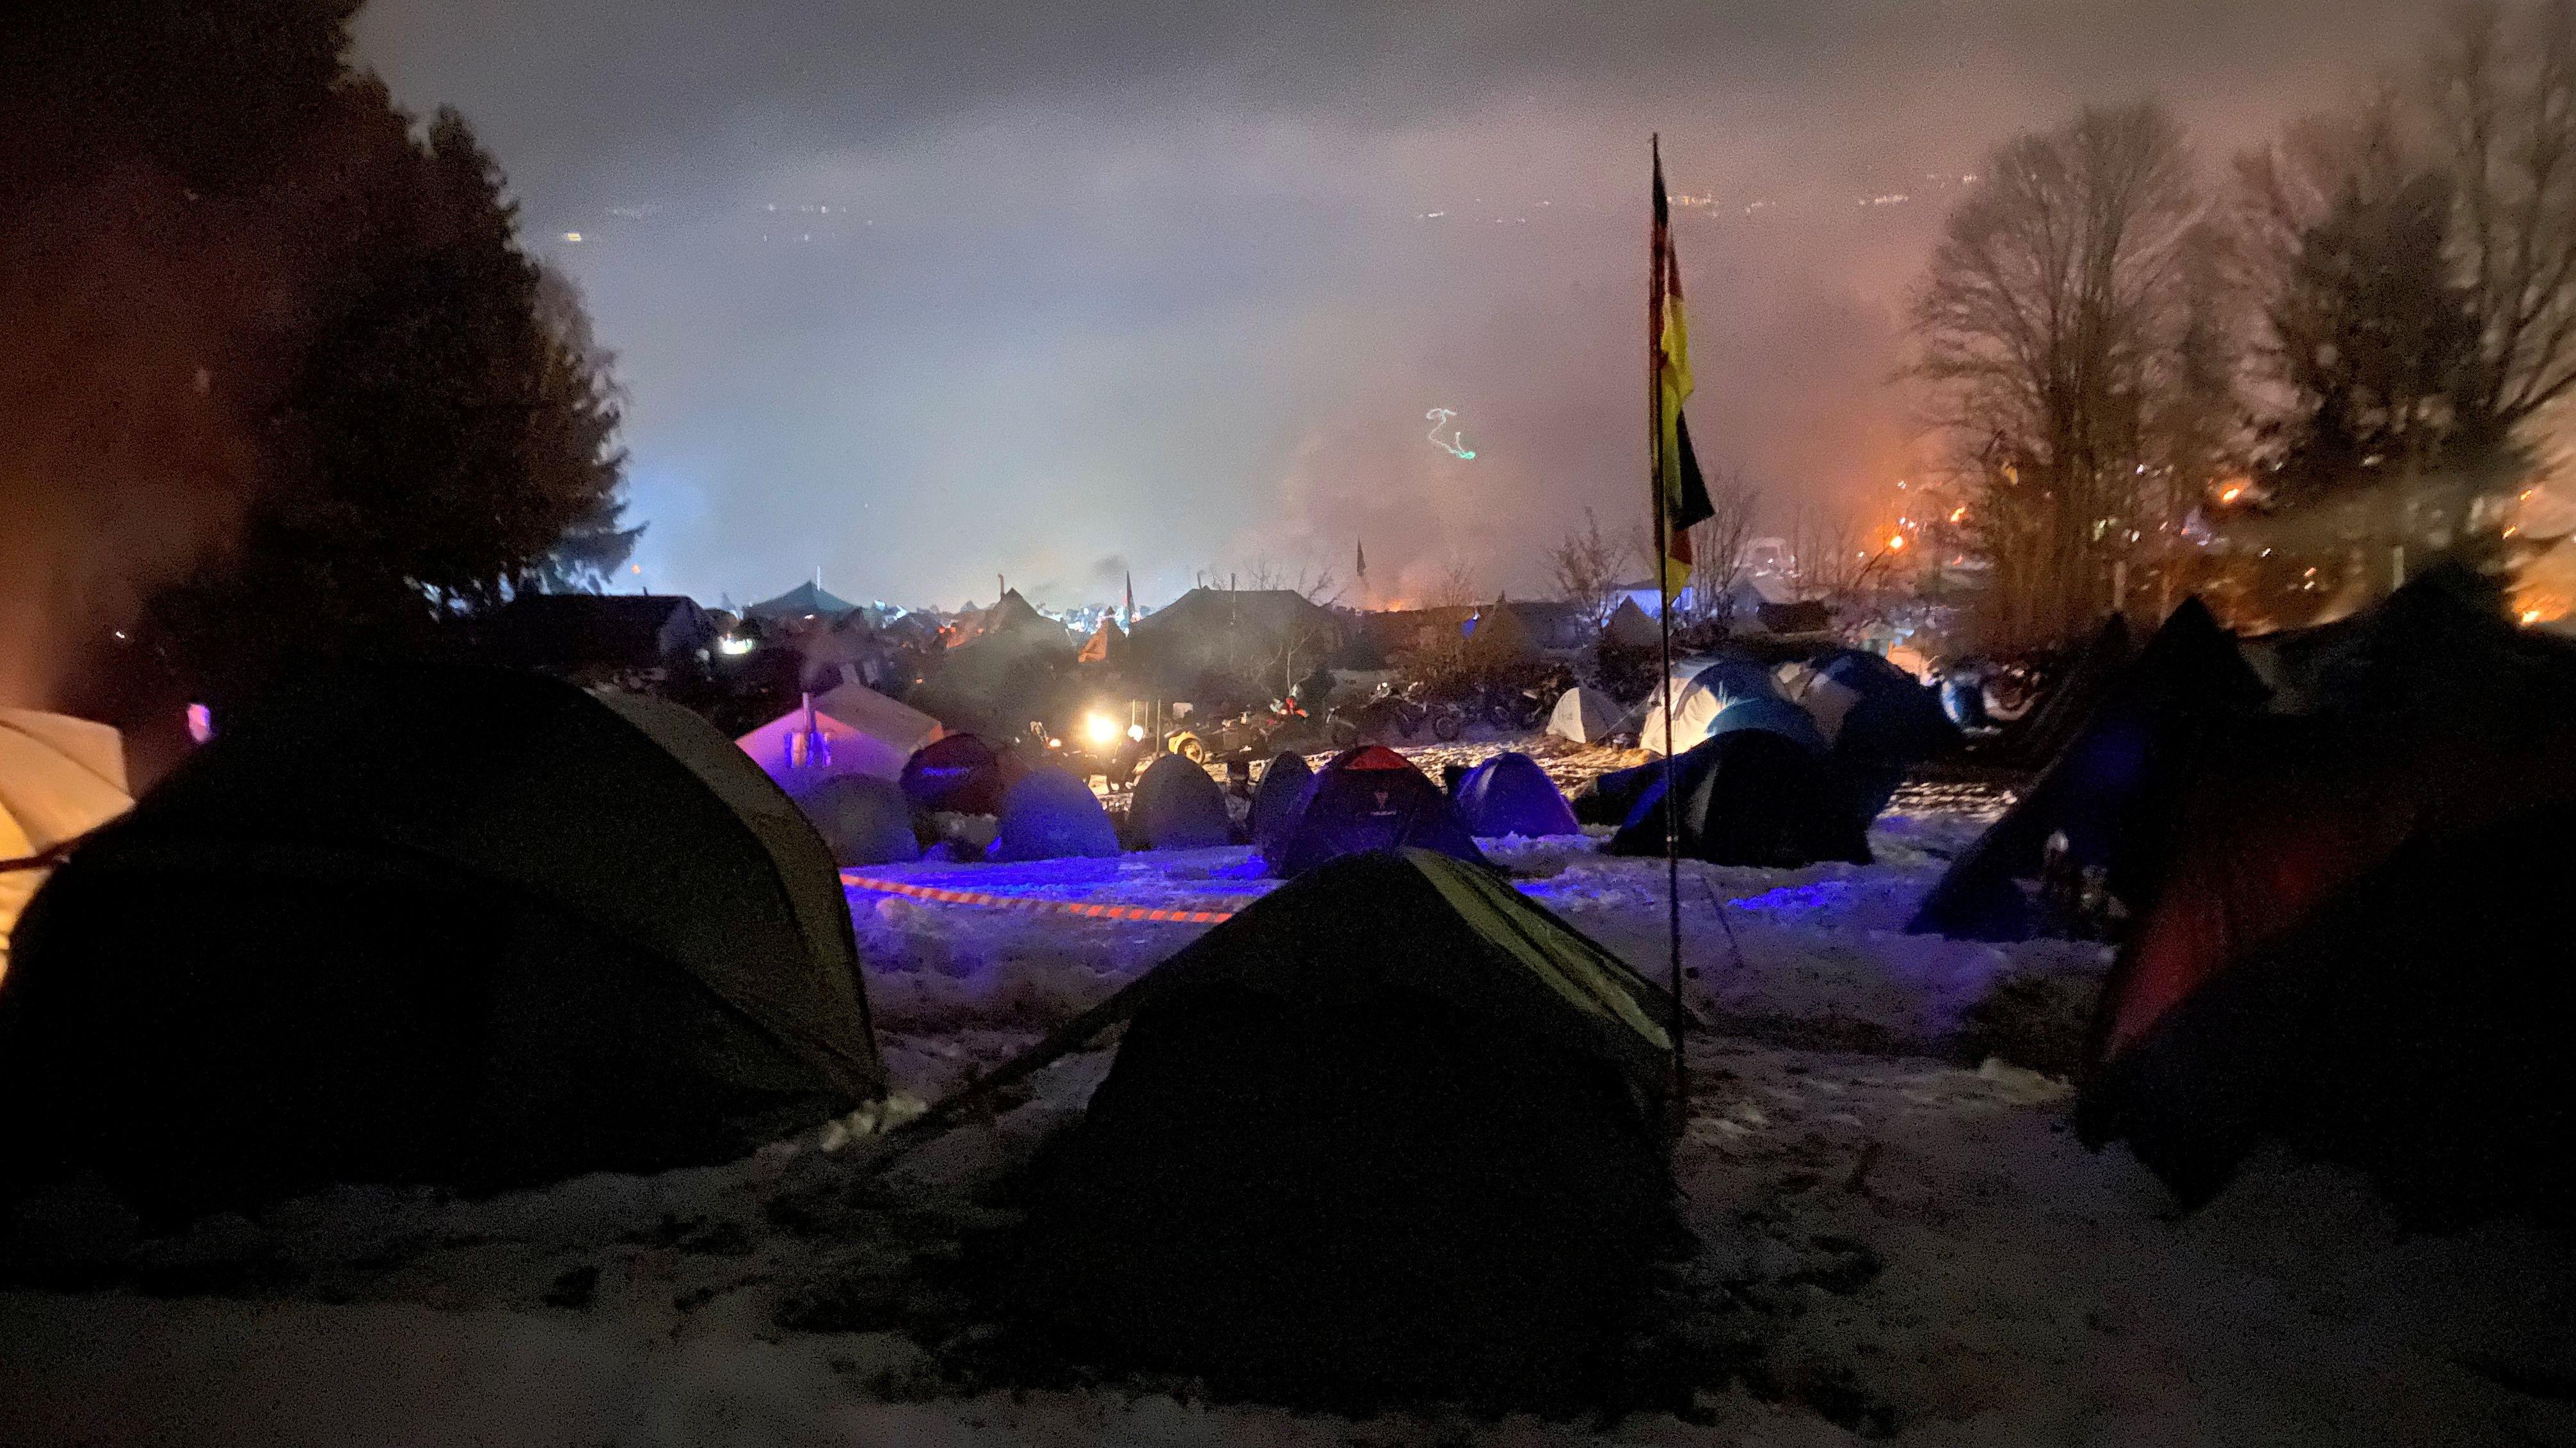 In der Nacht auf dem winterlichen Zeltplatz